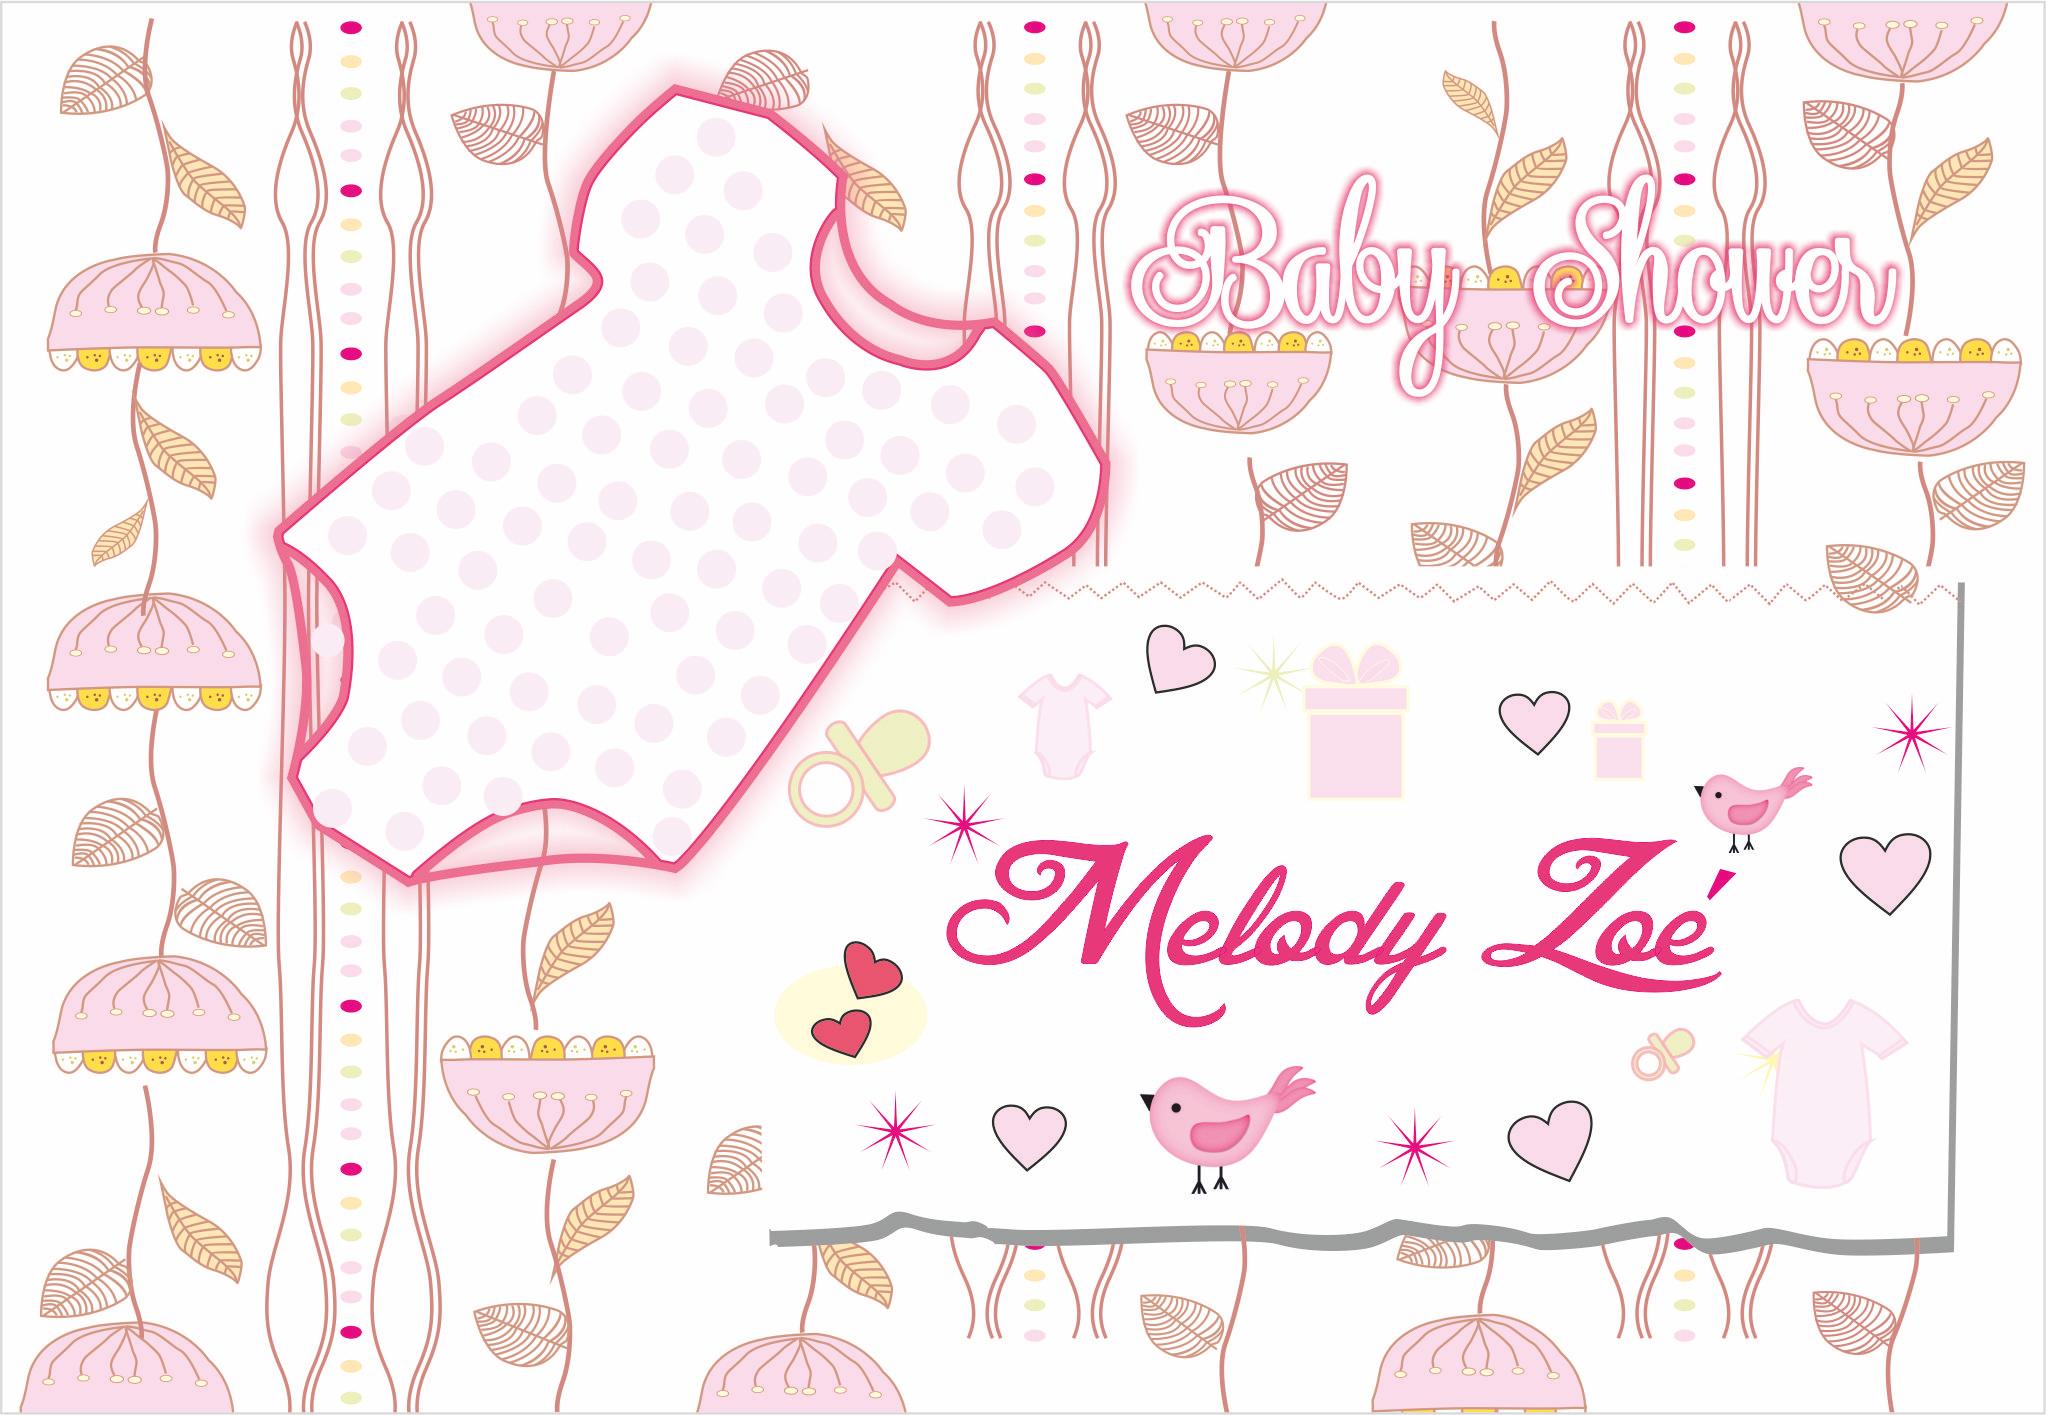 Invitaciones Para Baby Shower Gratis Para Descargar Plantillas De Invitación Para Baby Shower Baby Shower Invitaciones Invitaciones Para Baby